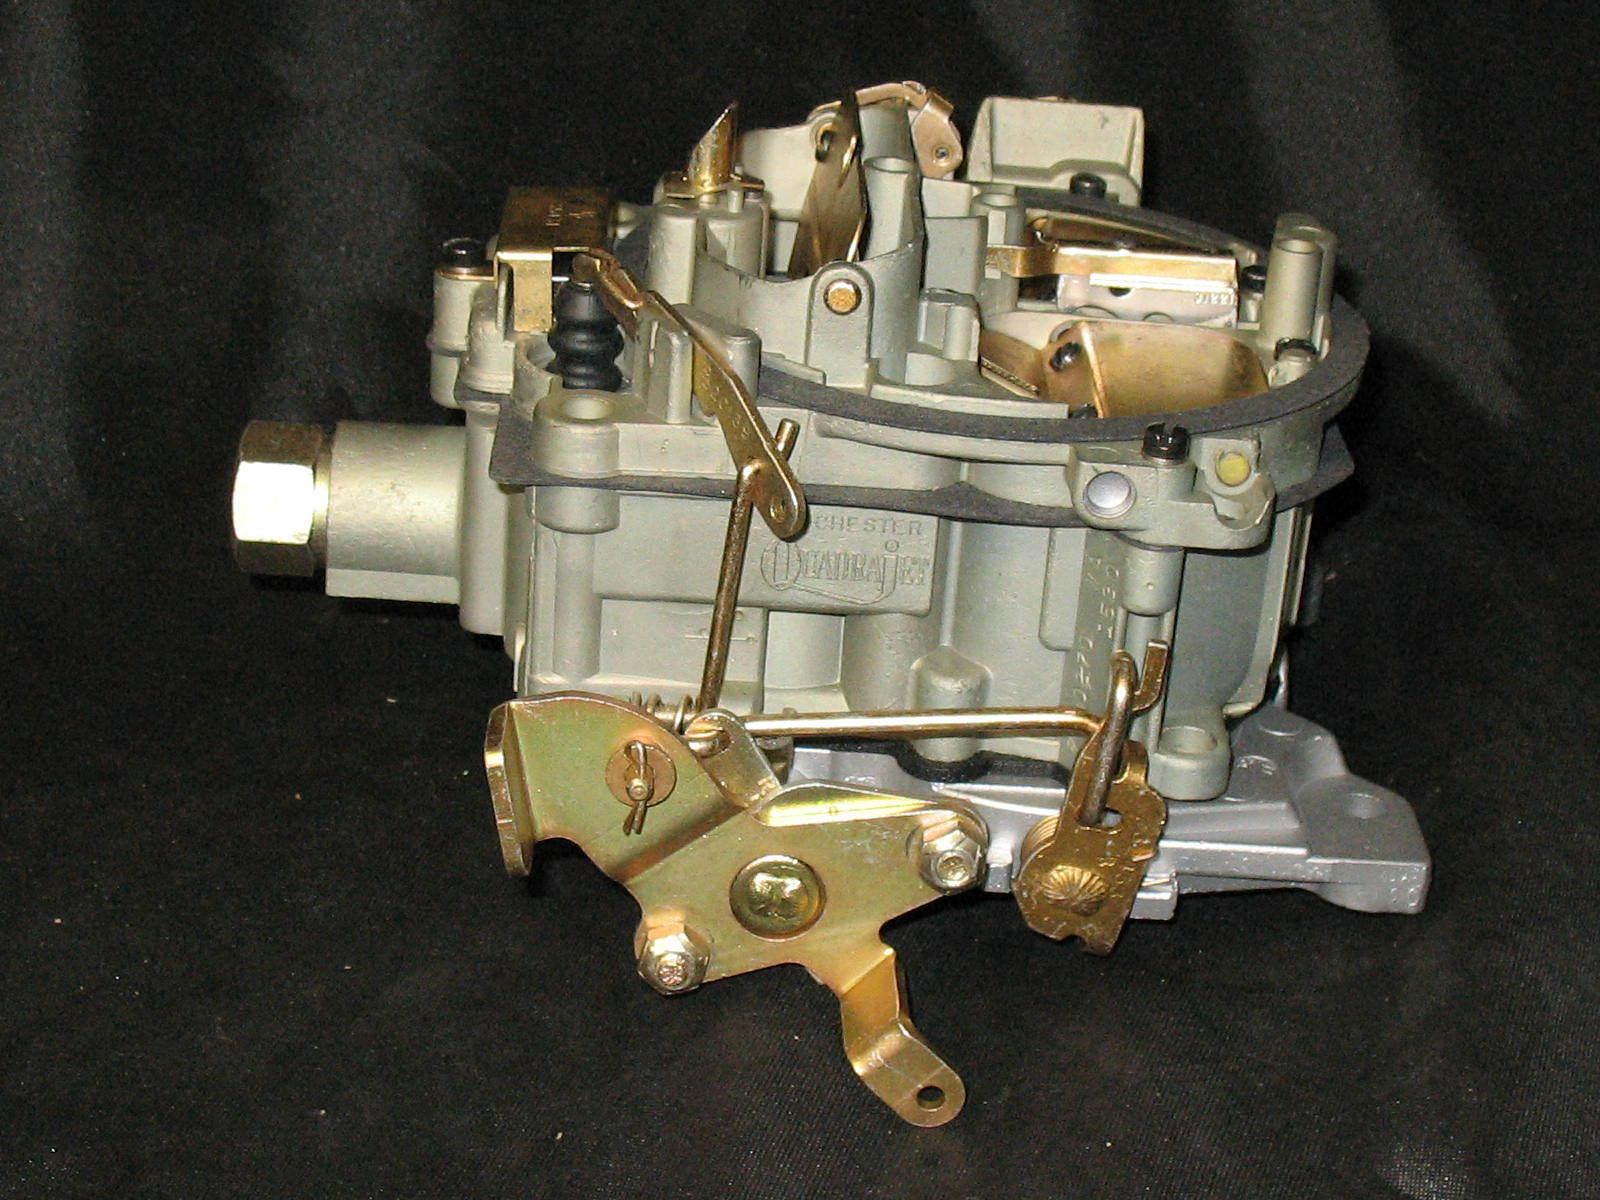 Ram Air Carb : Ram air gto trans am automatic rochester